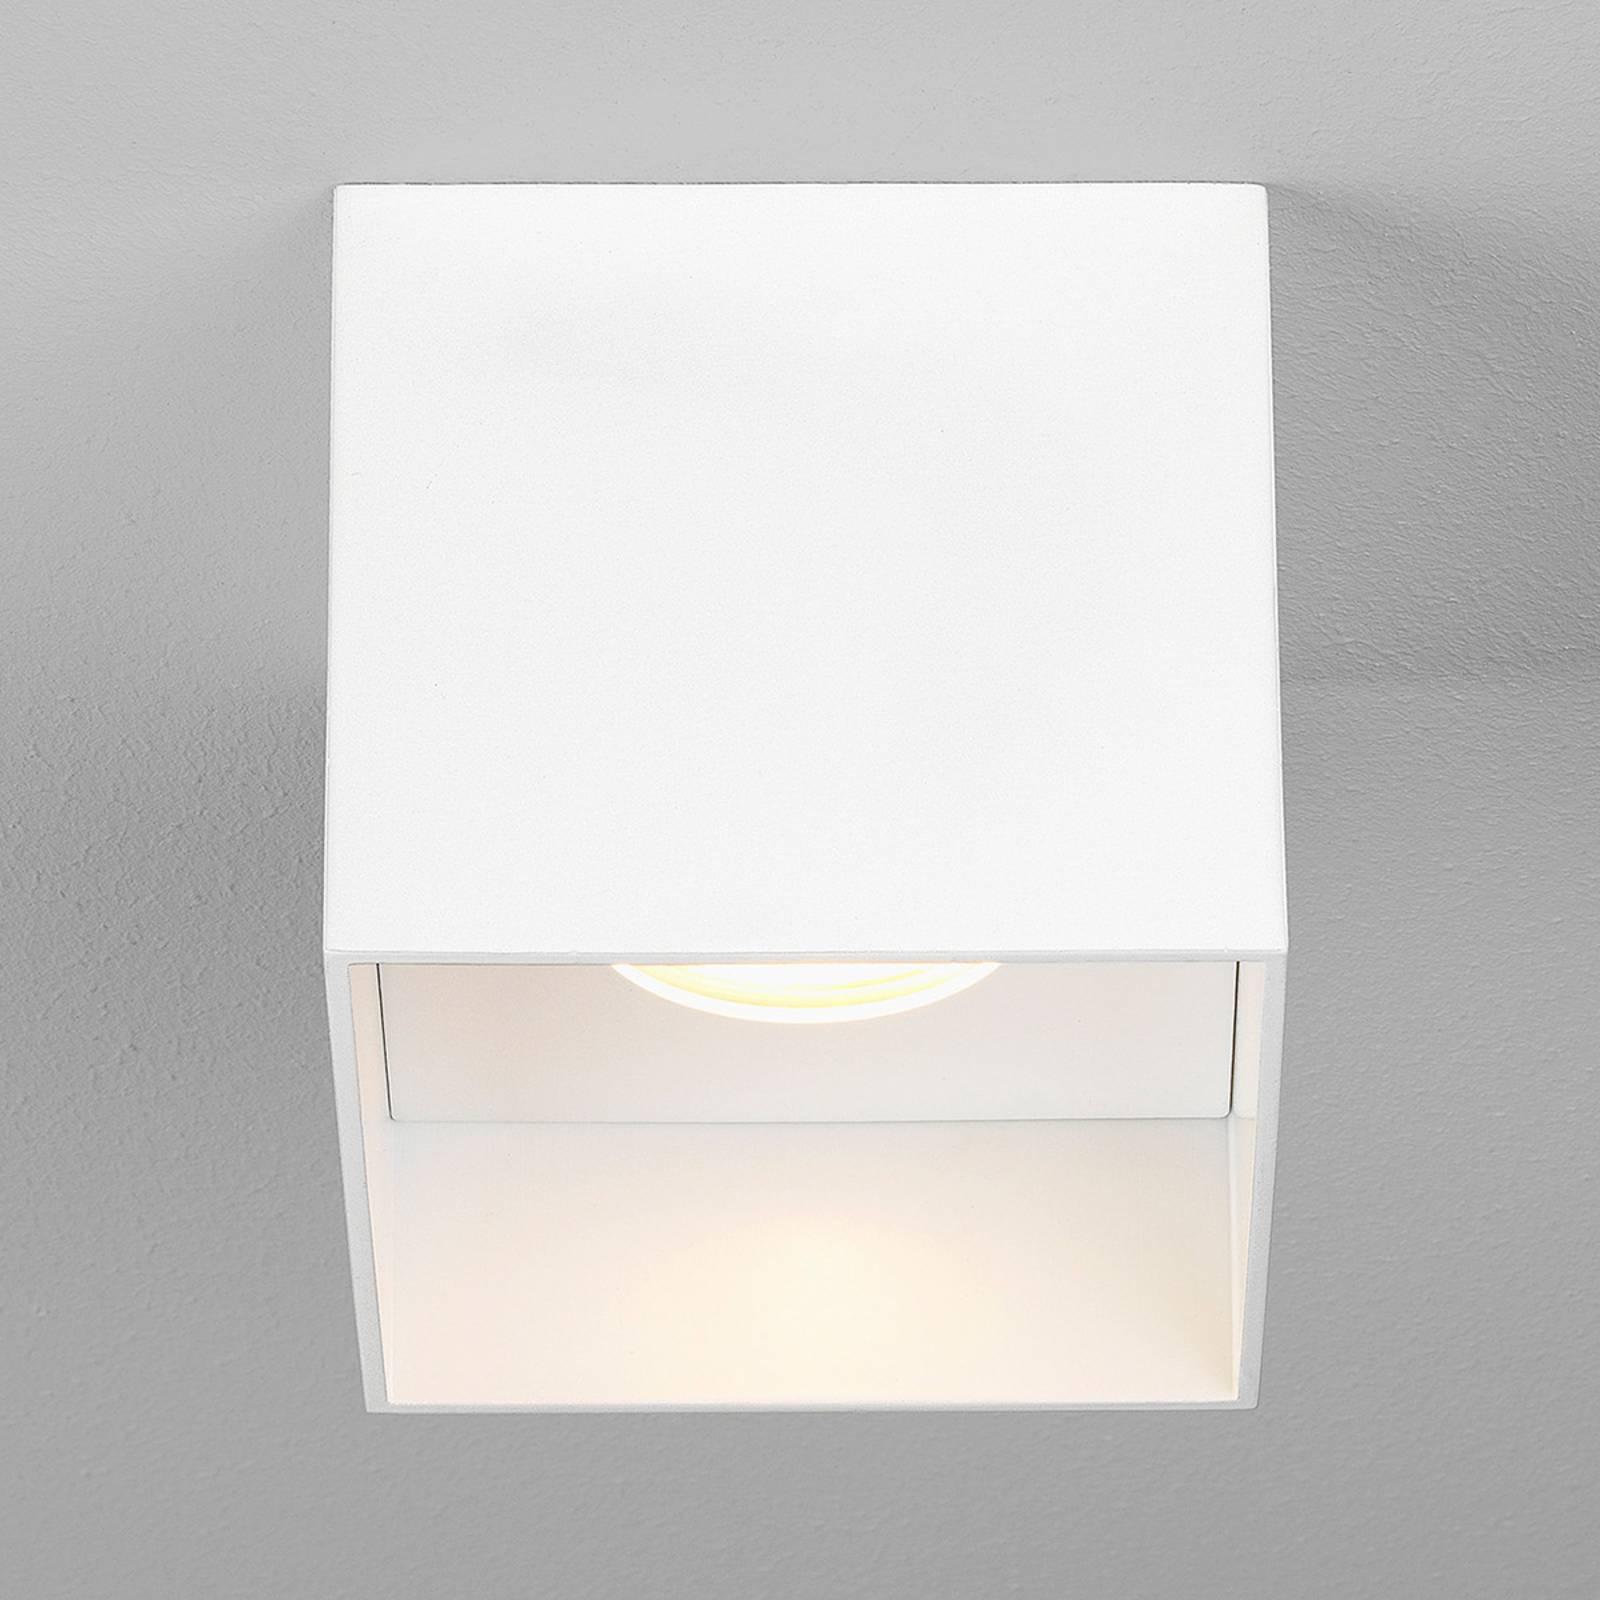 Astro Osca Square lampa sufitowa LED biała